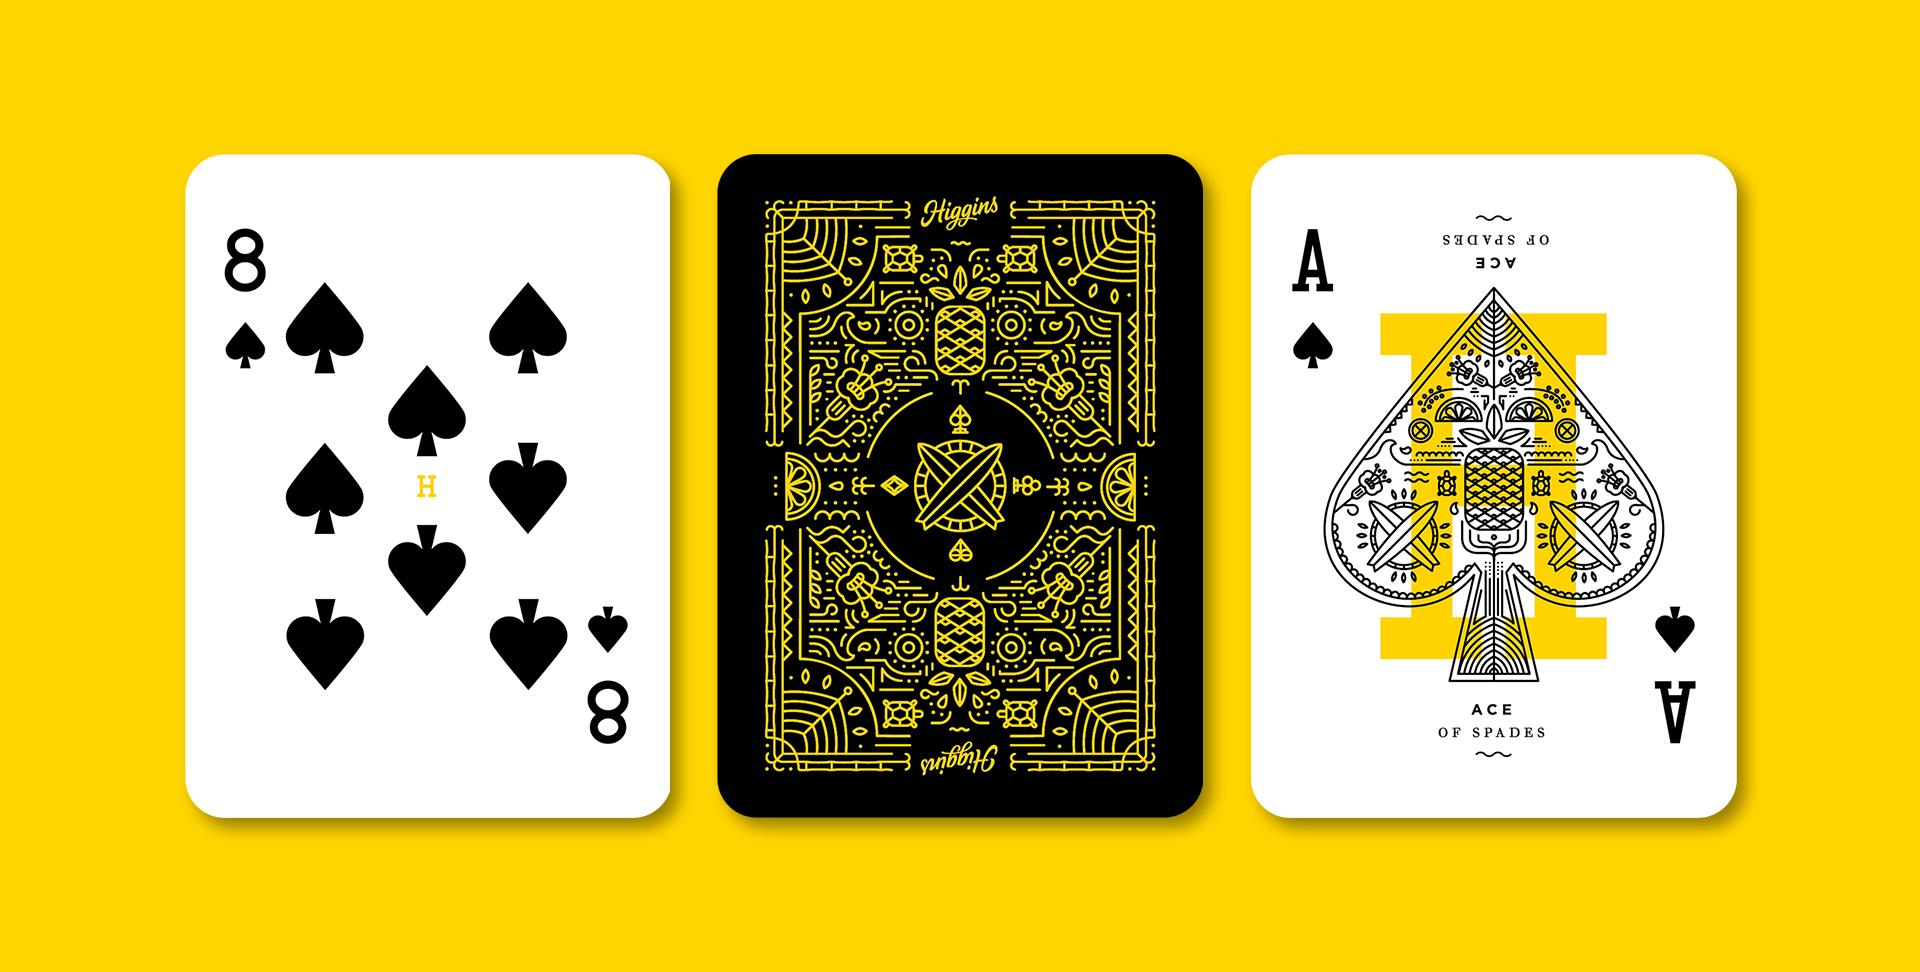 191128_higgins-cards_slide_05